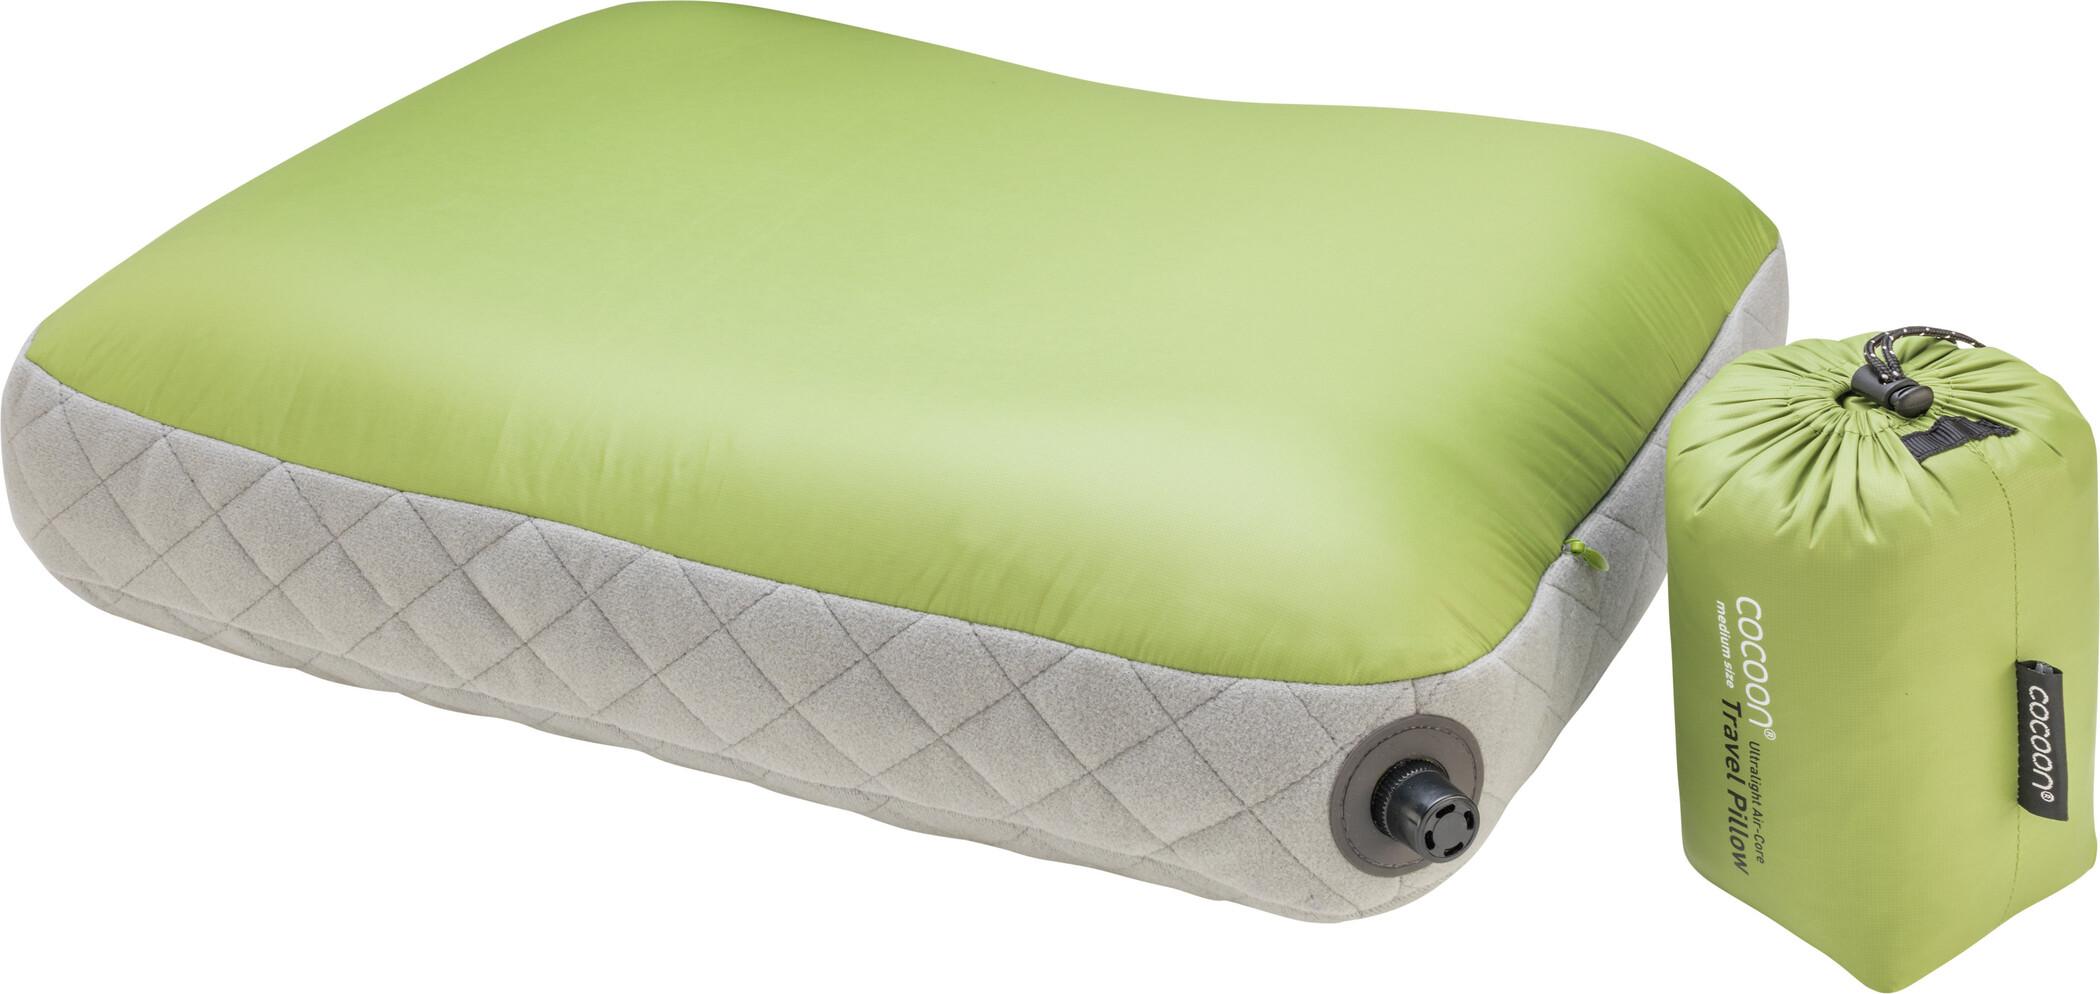 Full Size of Coair Core Kissen Ultralight Mid Wasabi Grey Campzde Küchen Regal Wohnzimmer Cocoon Küchen